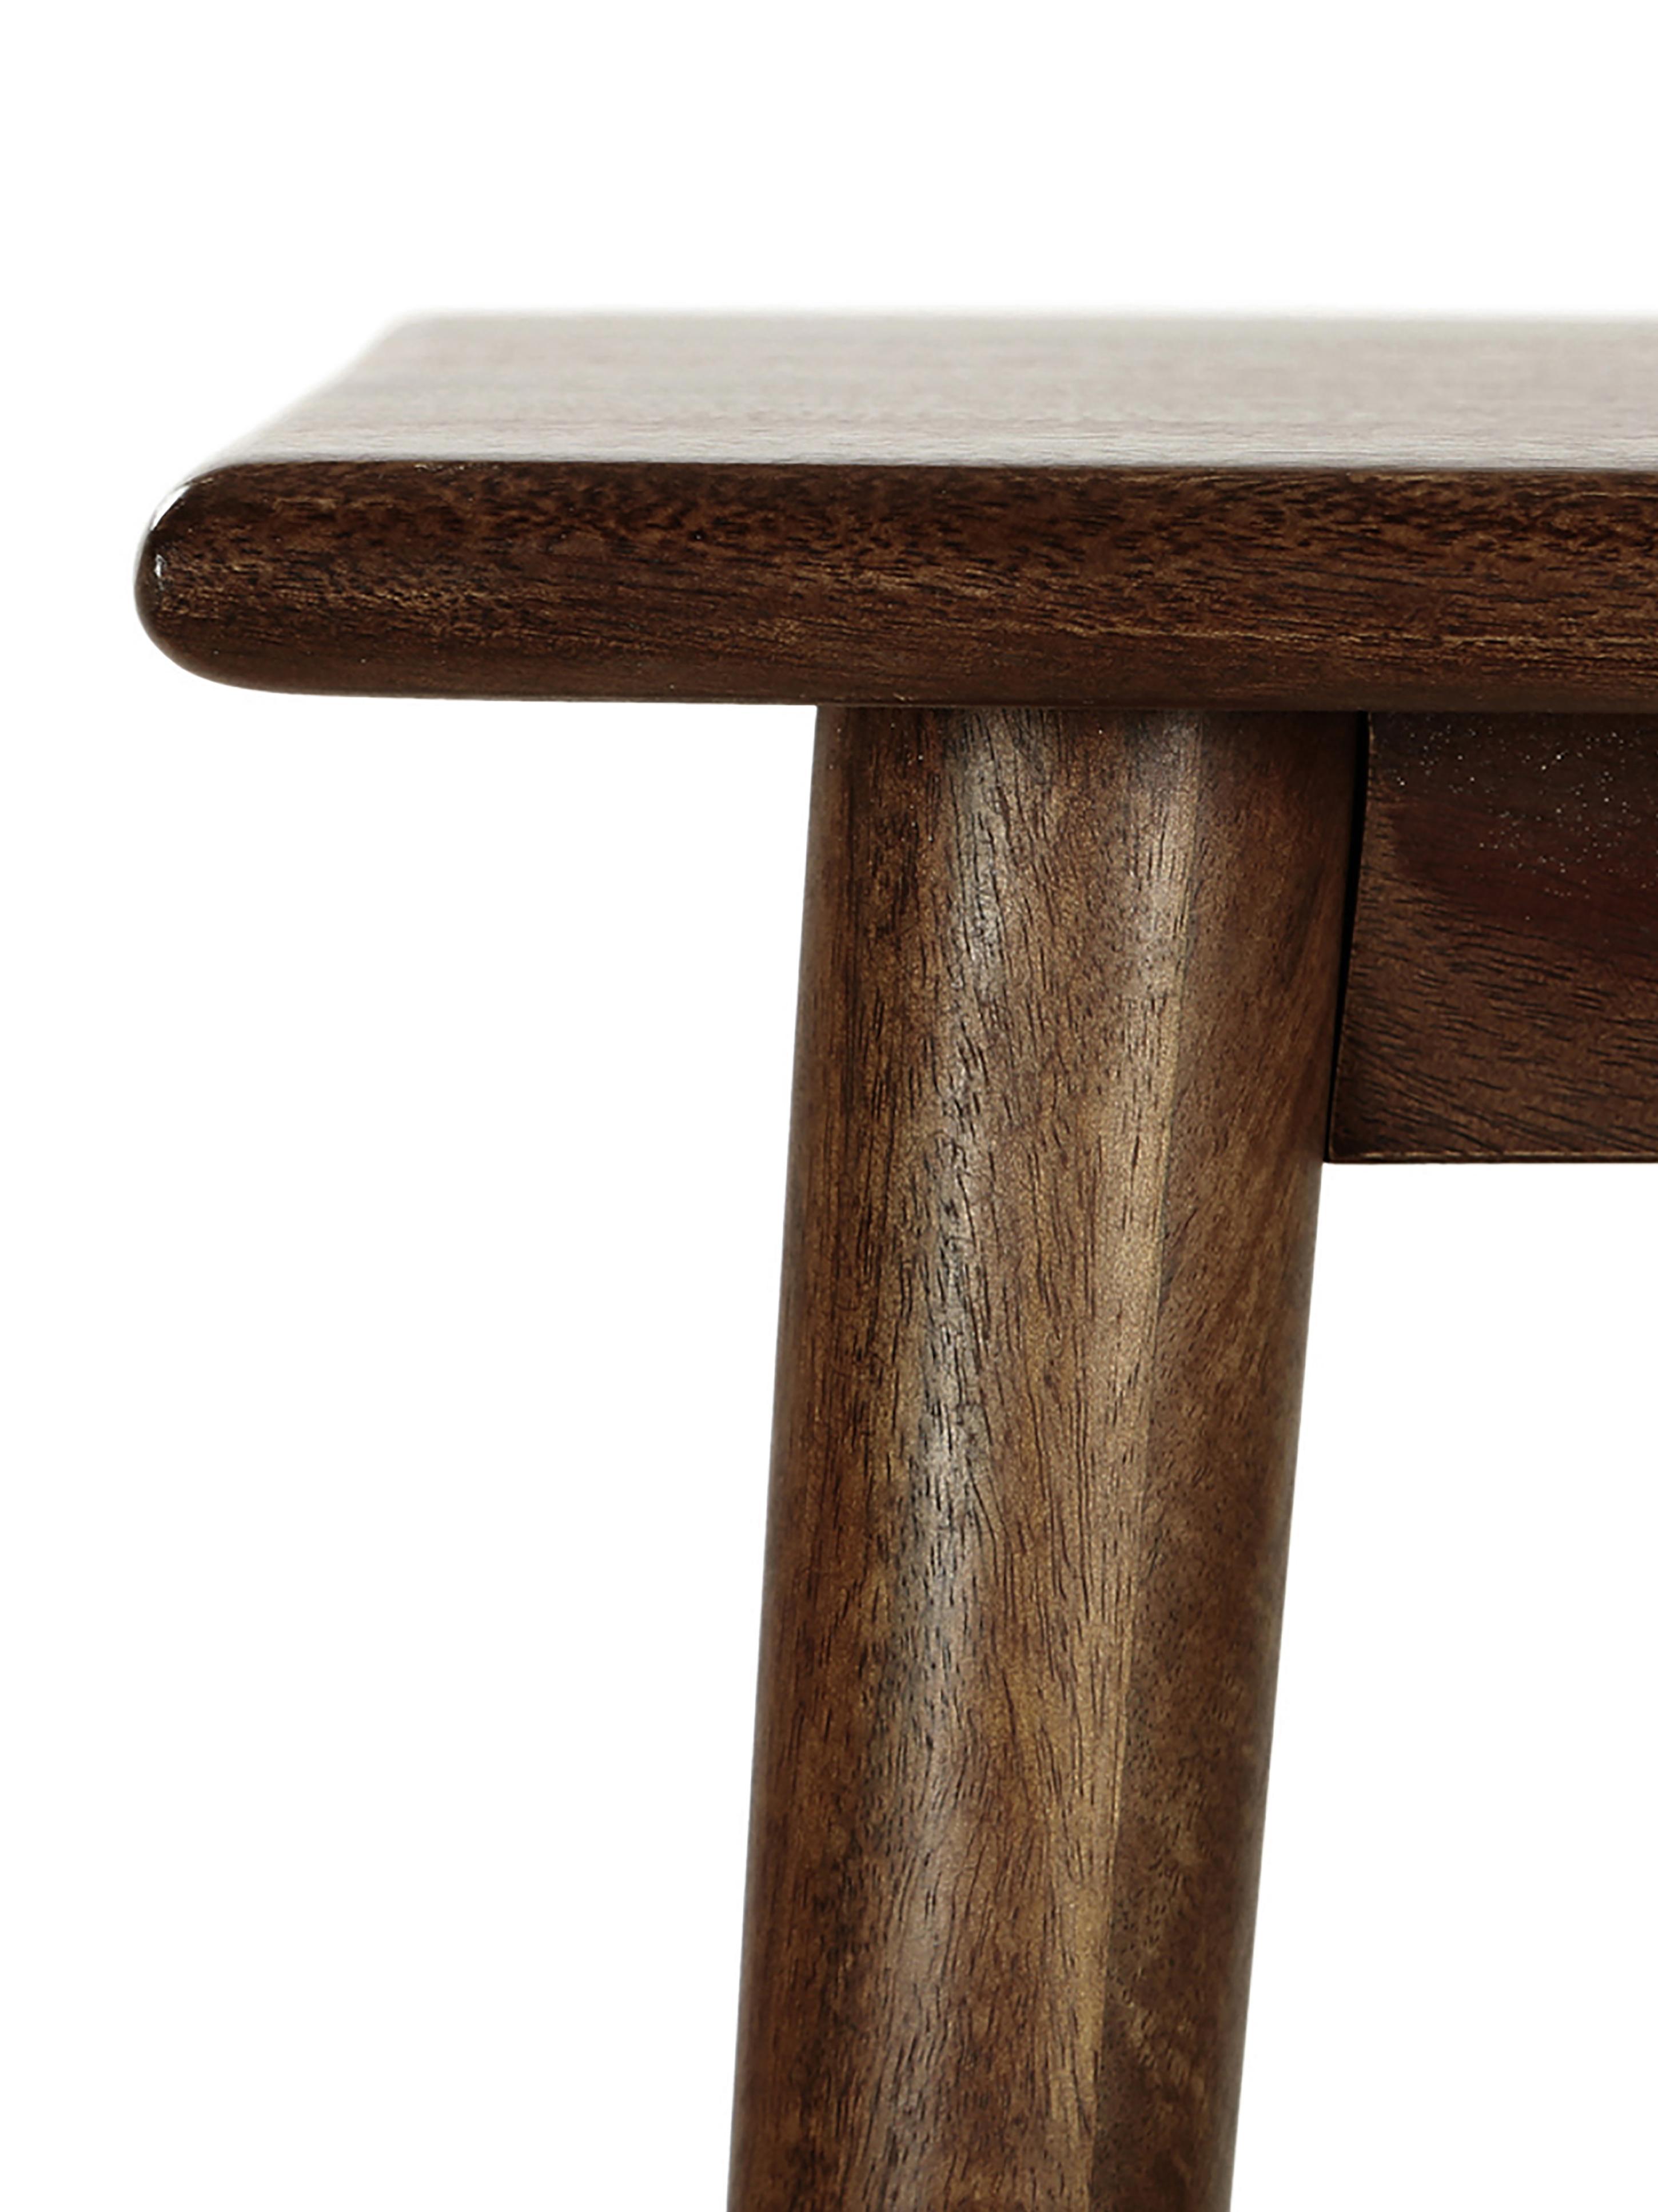 Consolle in legno di mango massiccio Oscar, Legno di mango massiccio, verniciato, Marrone scuro, Larg. 110 x Prof. 40 cm